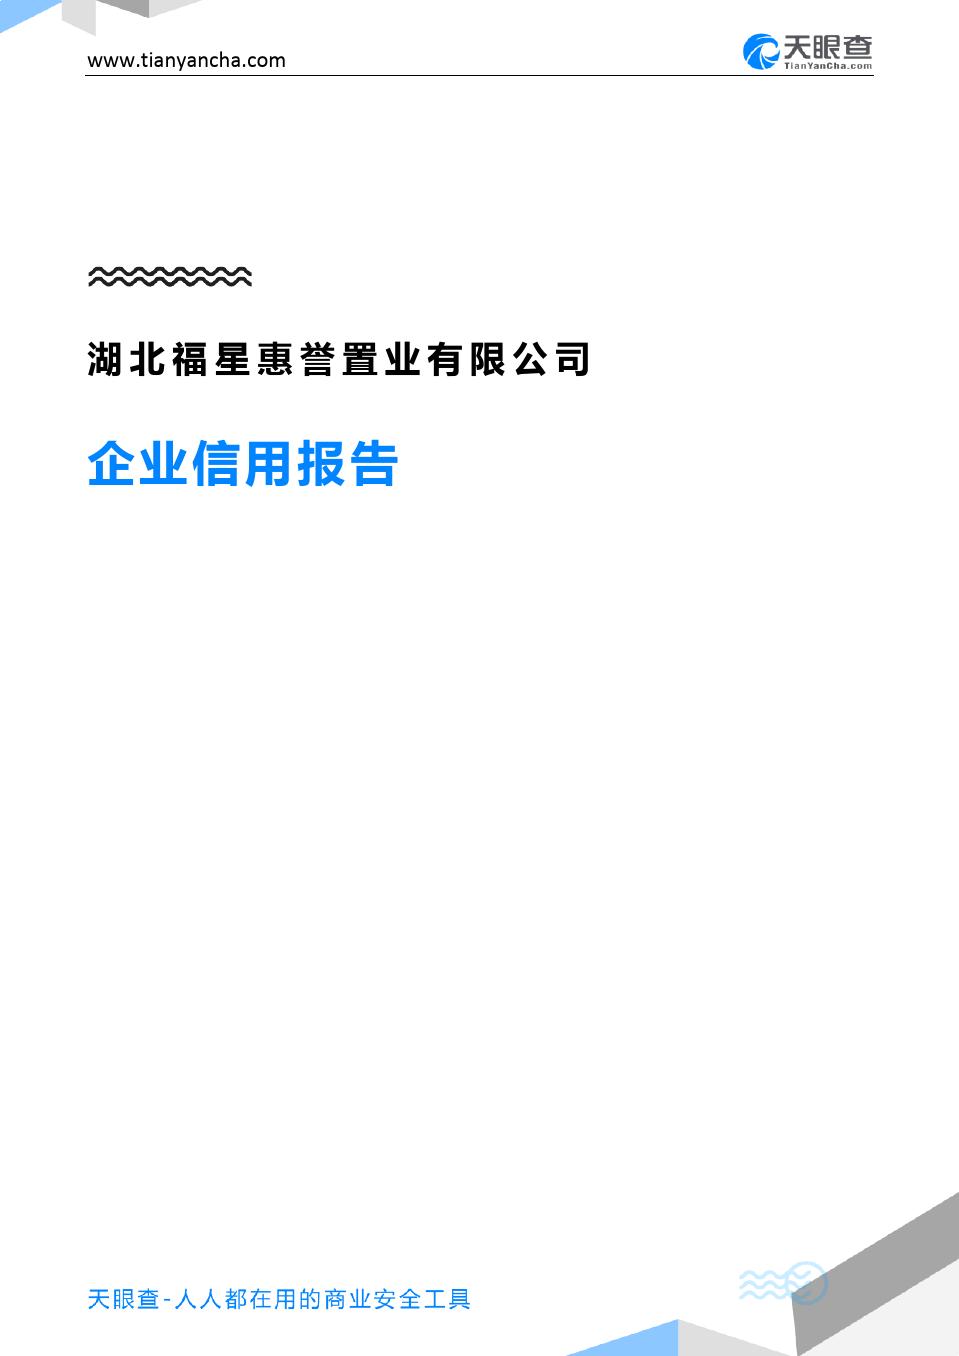 湖北福星惠誉置业有限公司(企业信用报告)- 天眼查